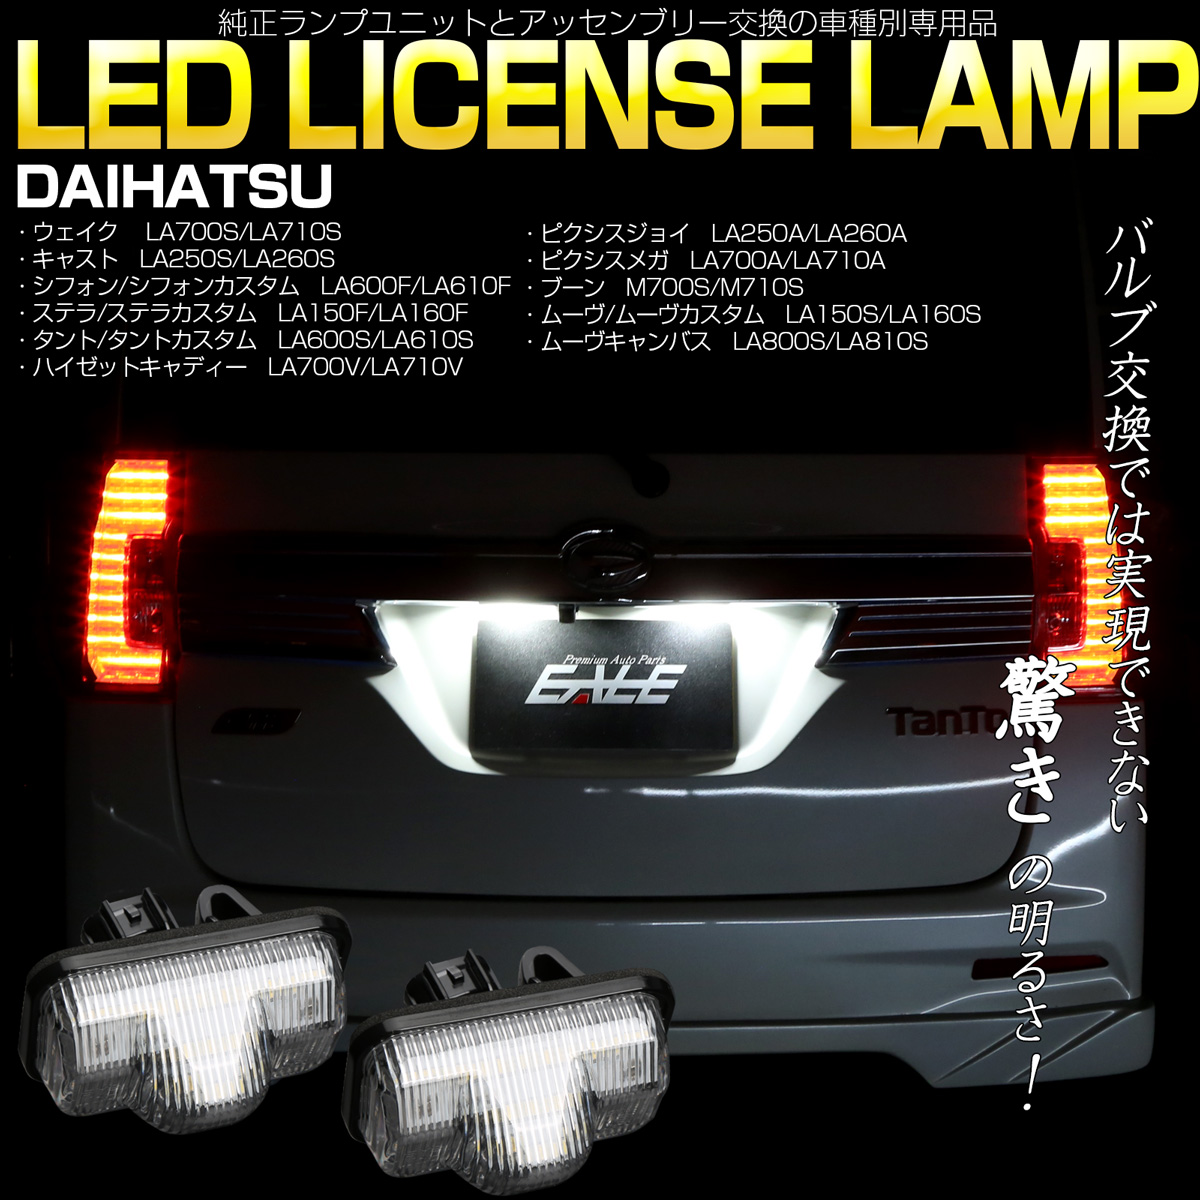 ダイハツ LED ライセンスランプ 光量+400% 6000K LA700S ウェイク LA600S タント LA150S ムーヴ カスタム LA250S キャスト 他有 R-177